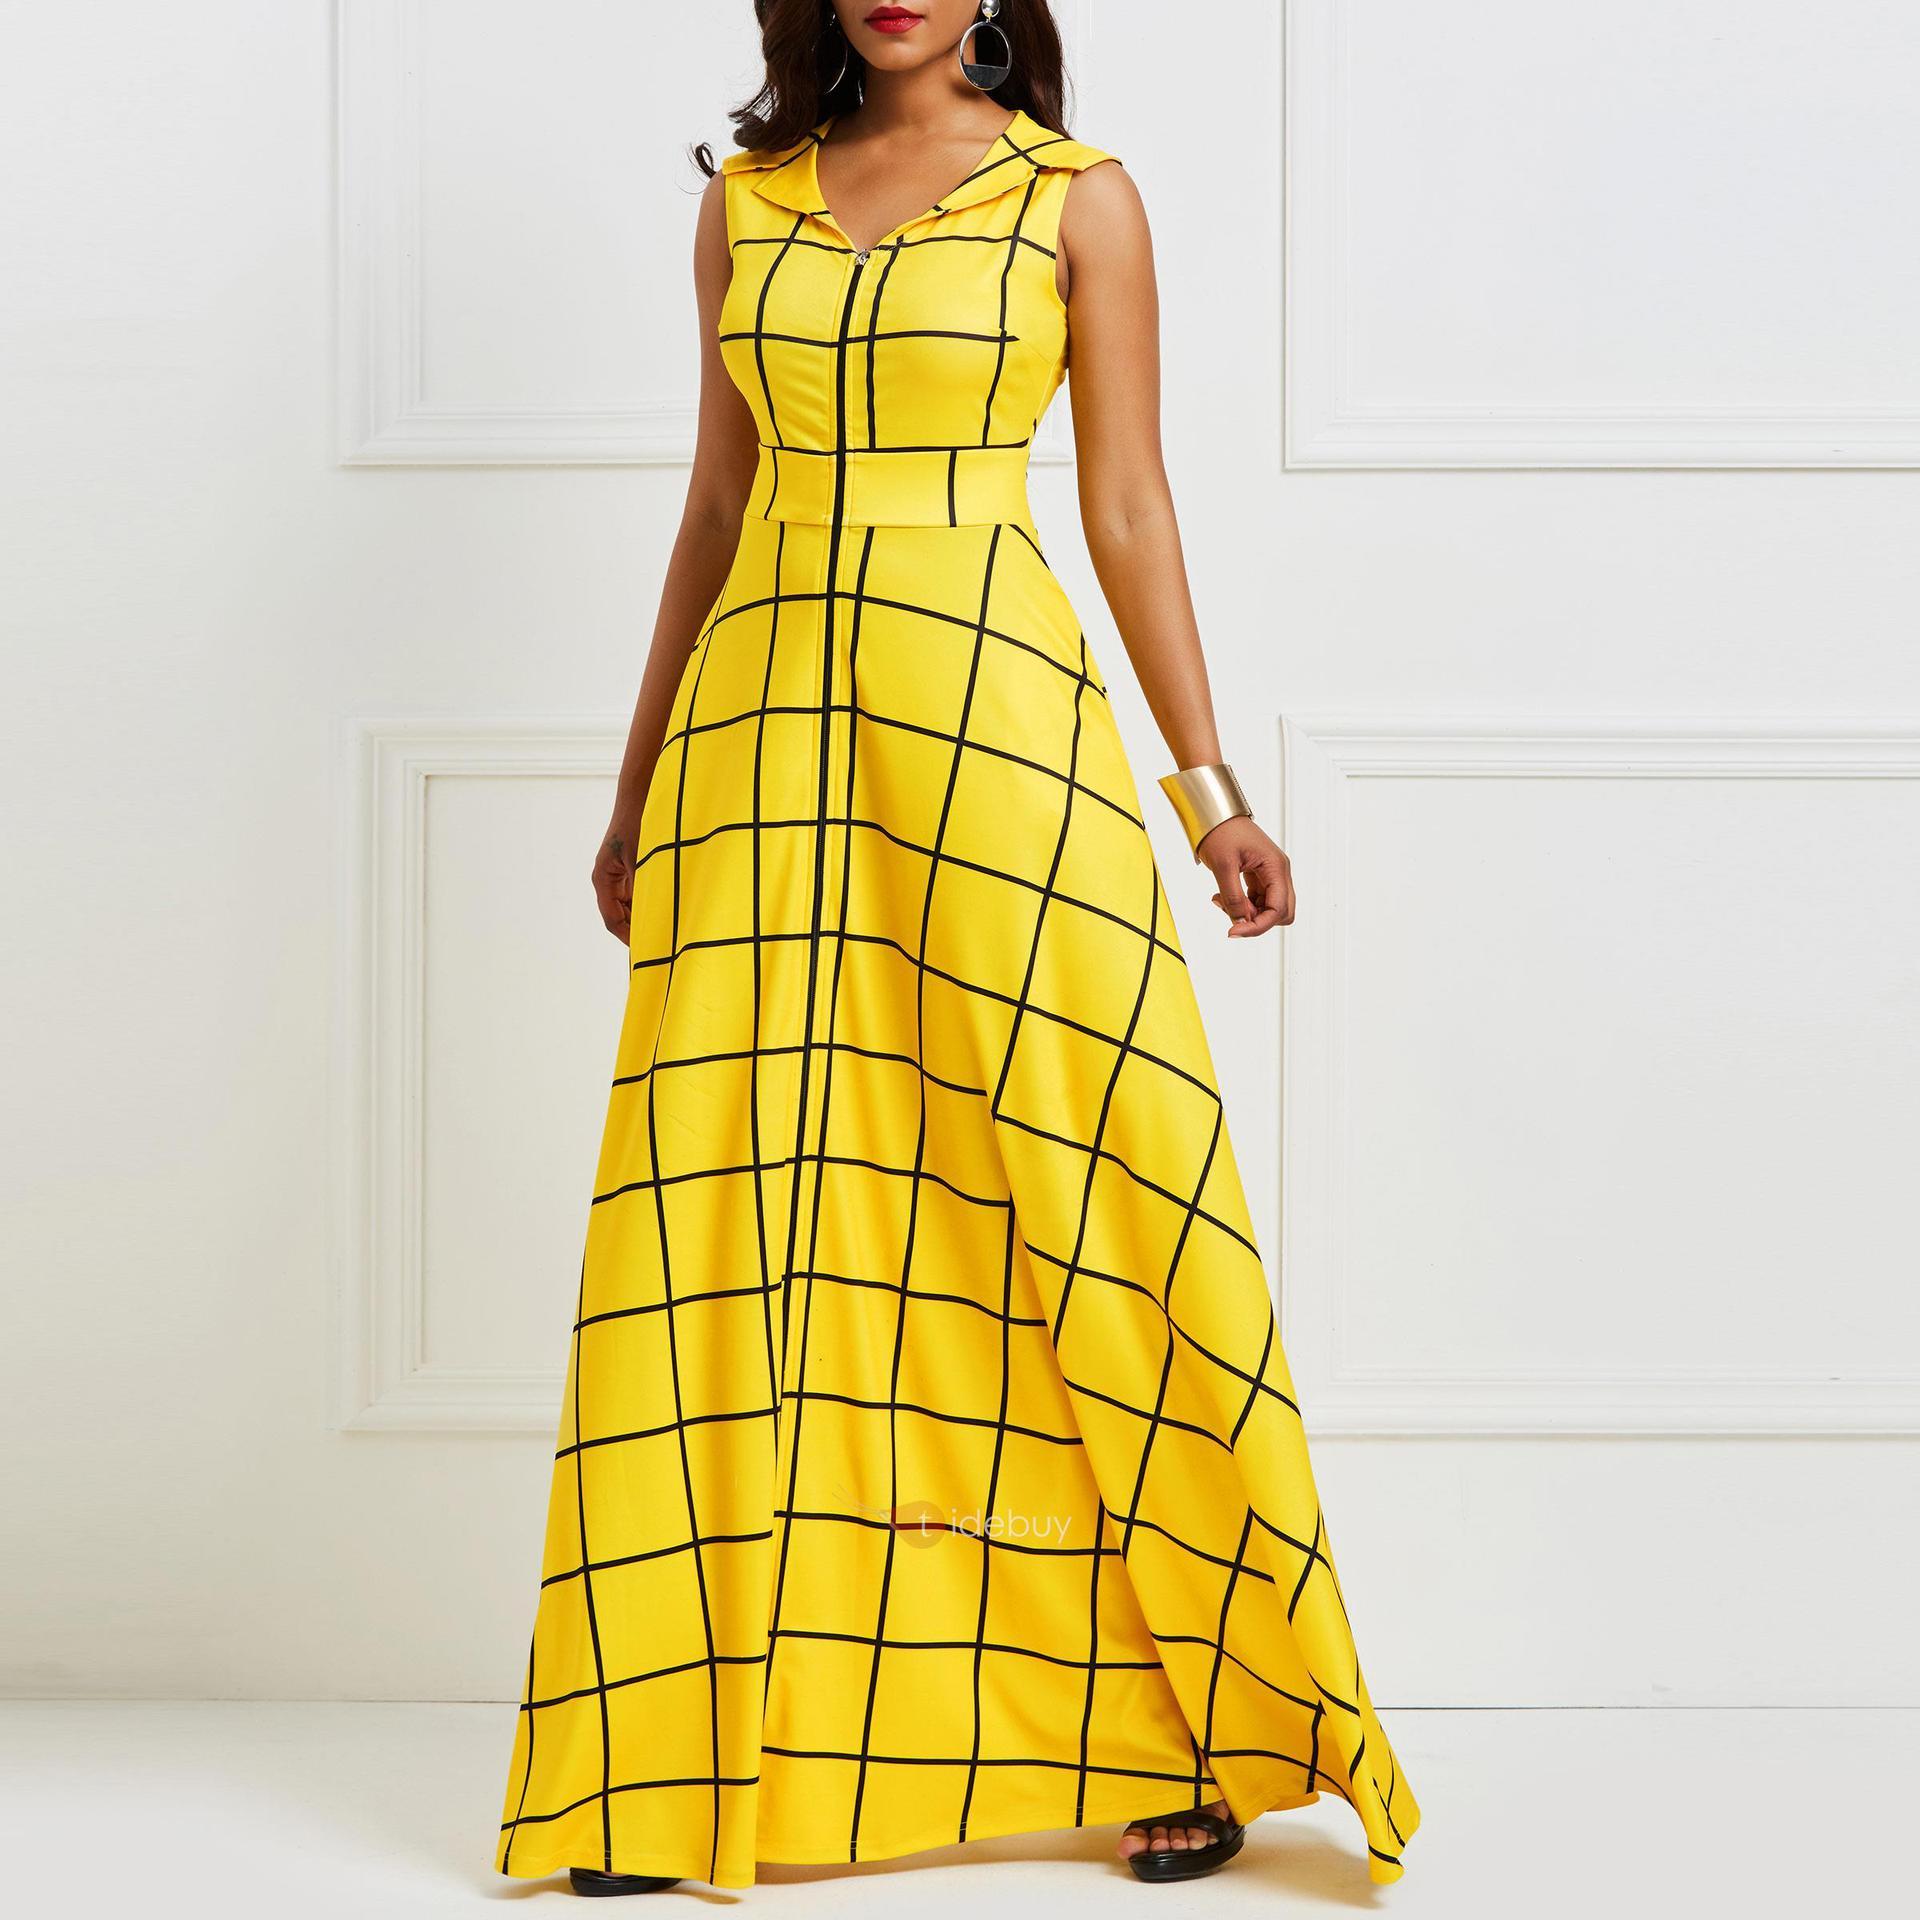 2019 robe d'été femmes sans manches plaid torsadé satin jaune robe de soirée élégante poche crantée revers bleu robe longue